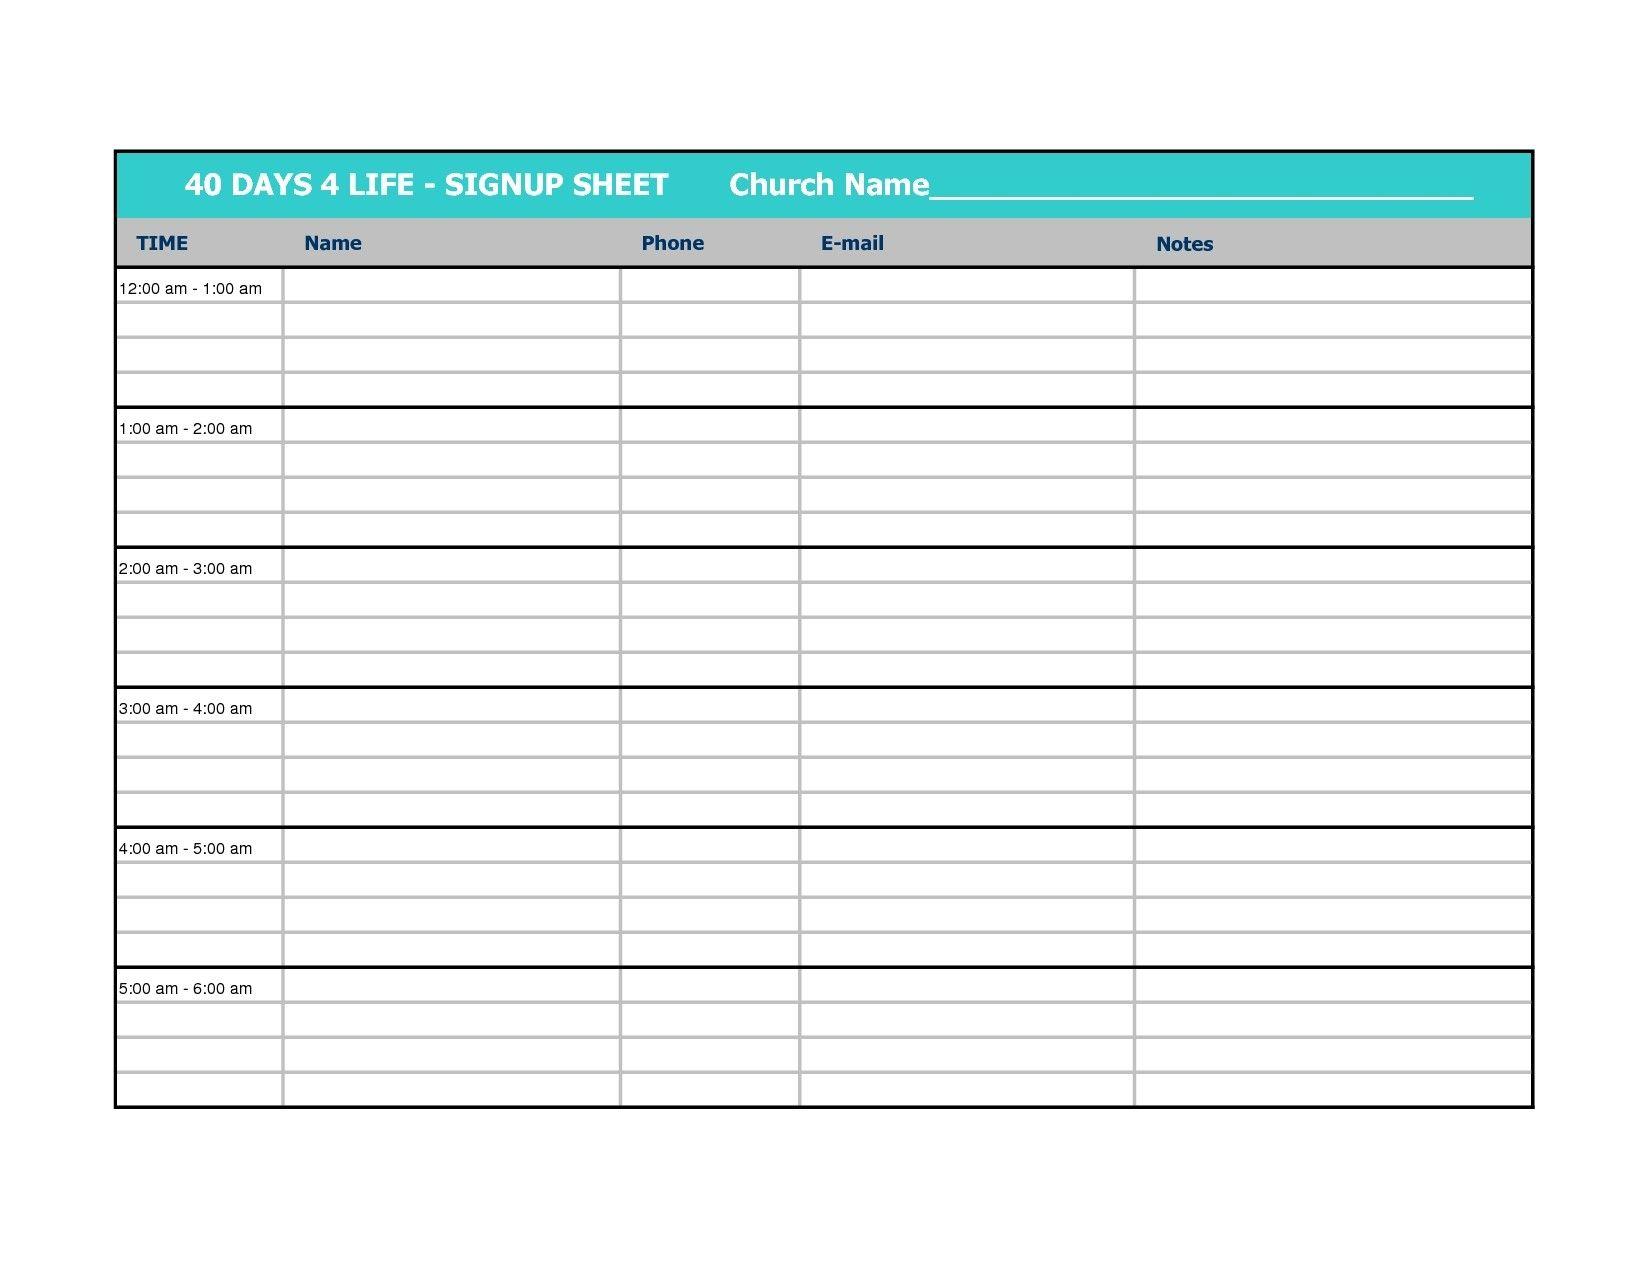 New Sign Up Calendar Template Exceltemplate Xls Xlstemplate Xlsformat Excelformat Microsoftexce Sign In Sheet Template Sign In Sheet Online Sign Up Sheet